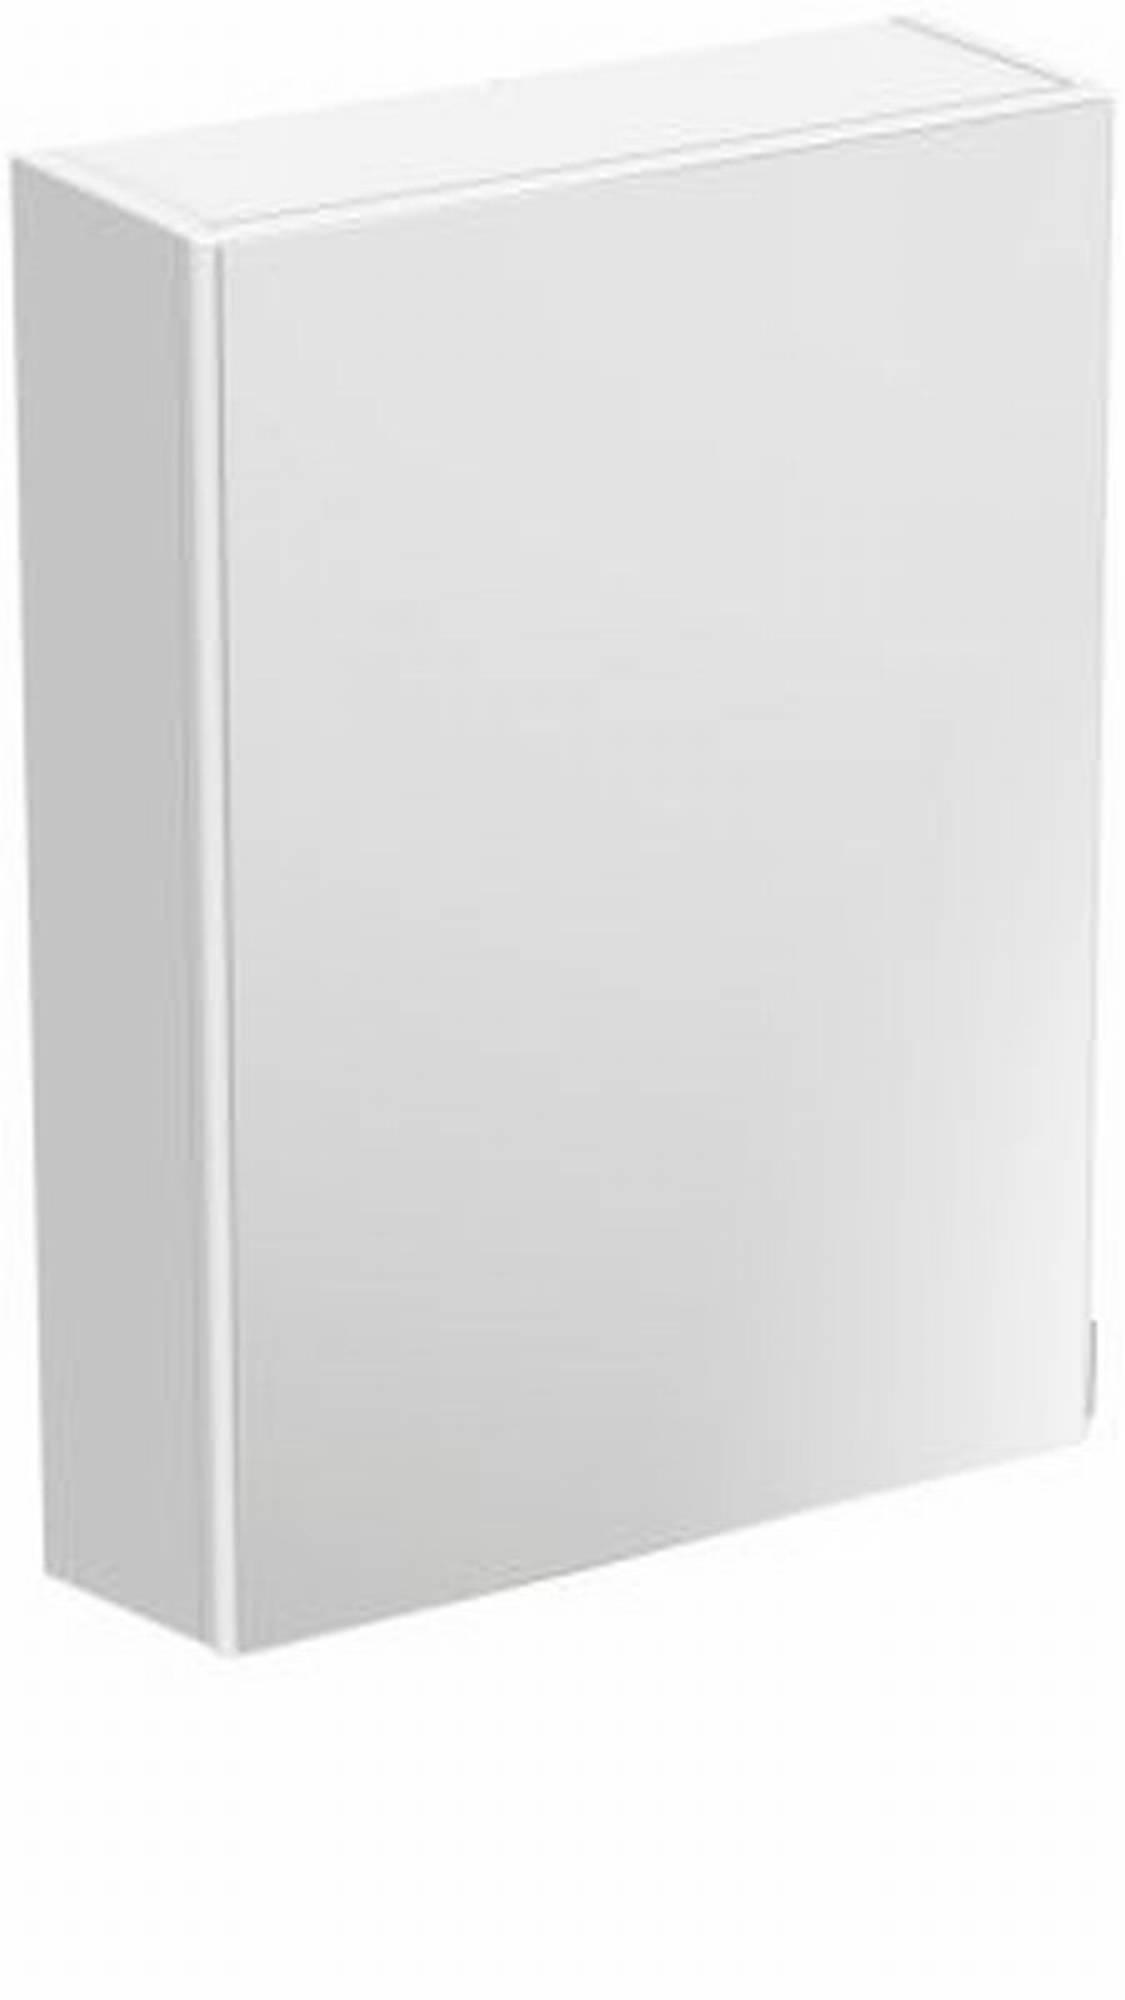 SPHINX SERIE 310 spiegelkast 41.8x75 cm. met 1 deur (S8M14105000)